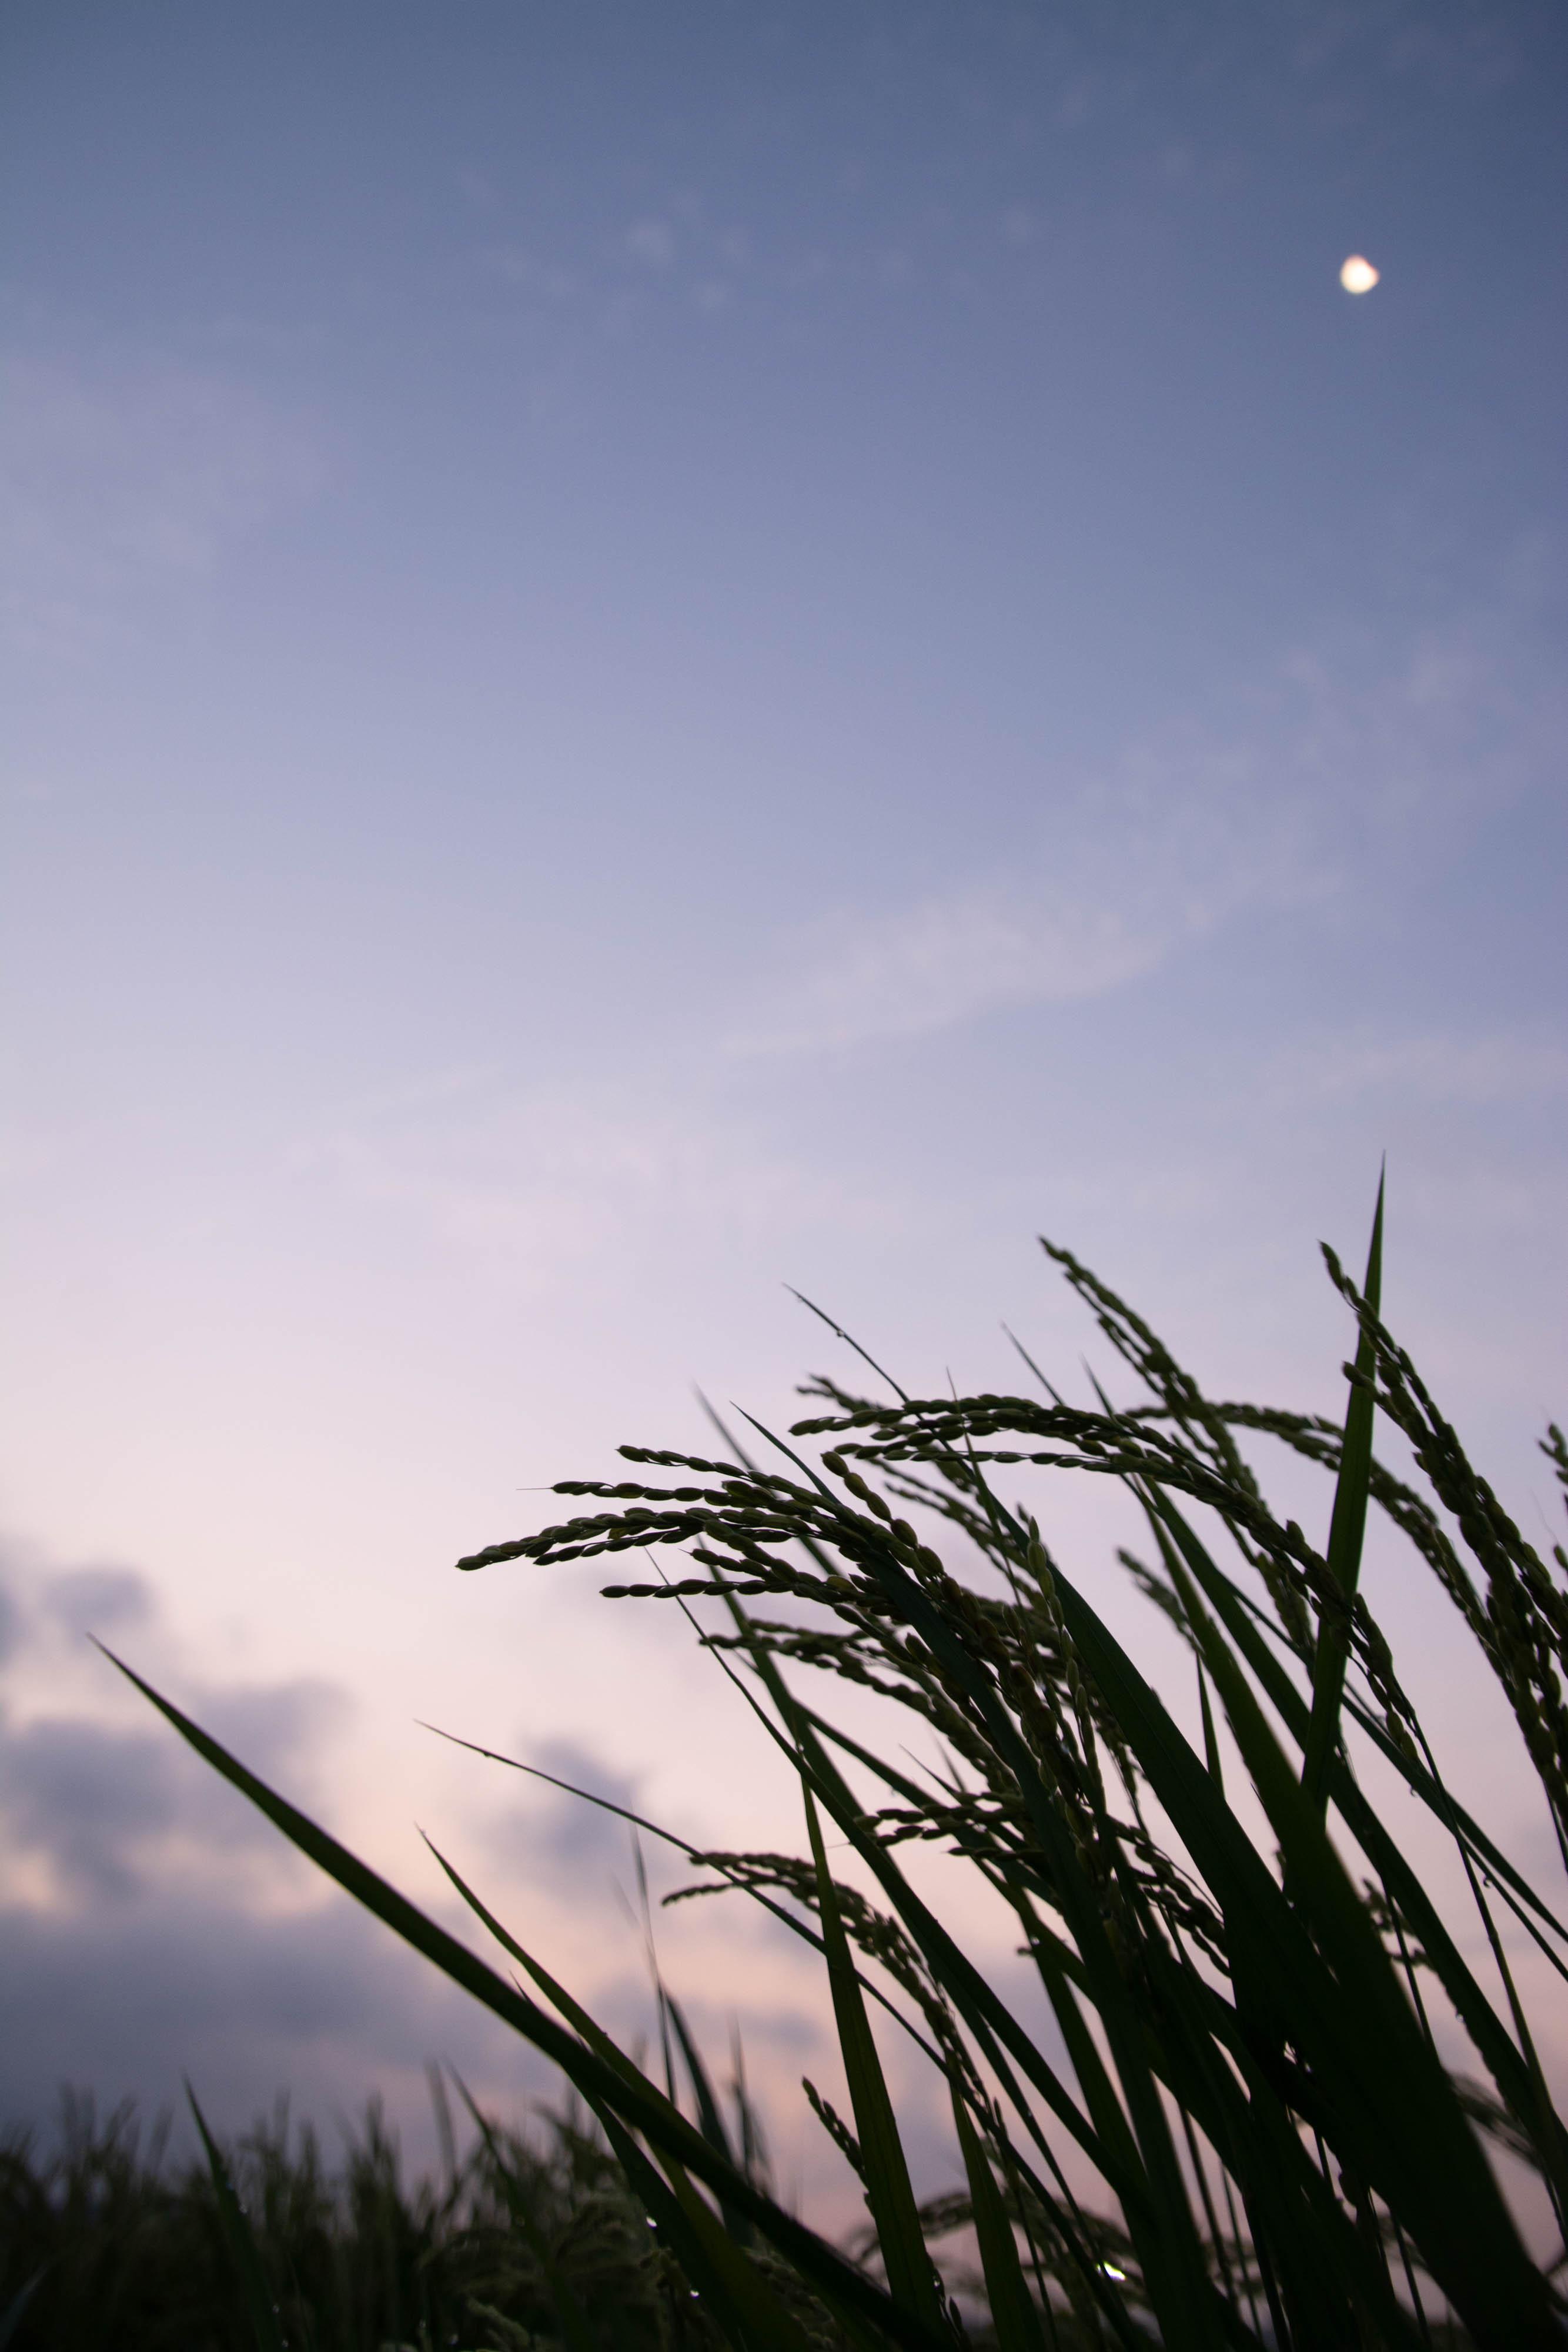 8月の田んぼ 夜明け